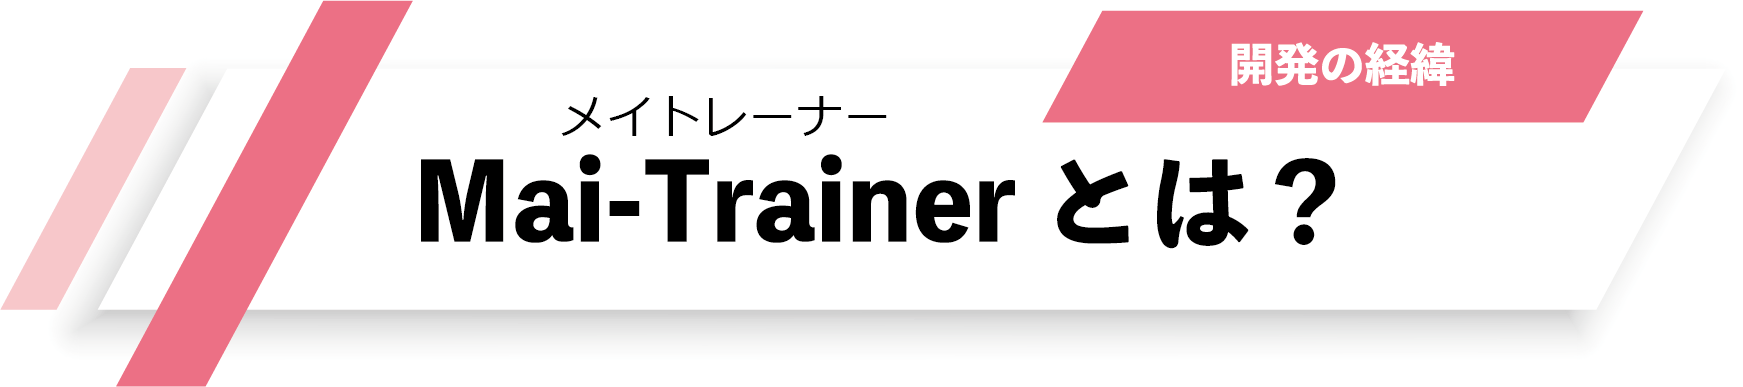 Mai-trainer